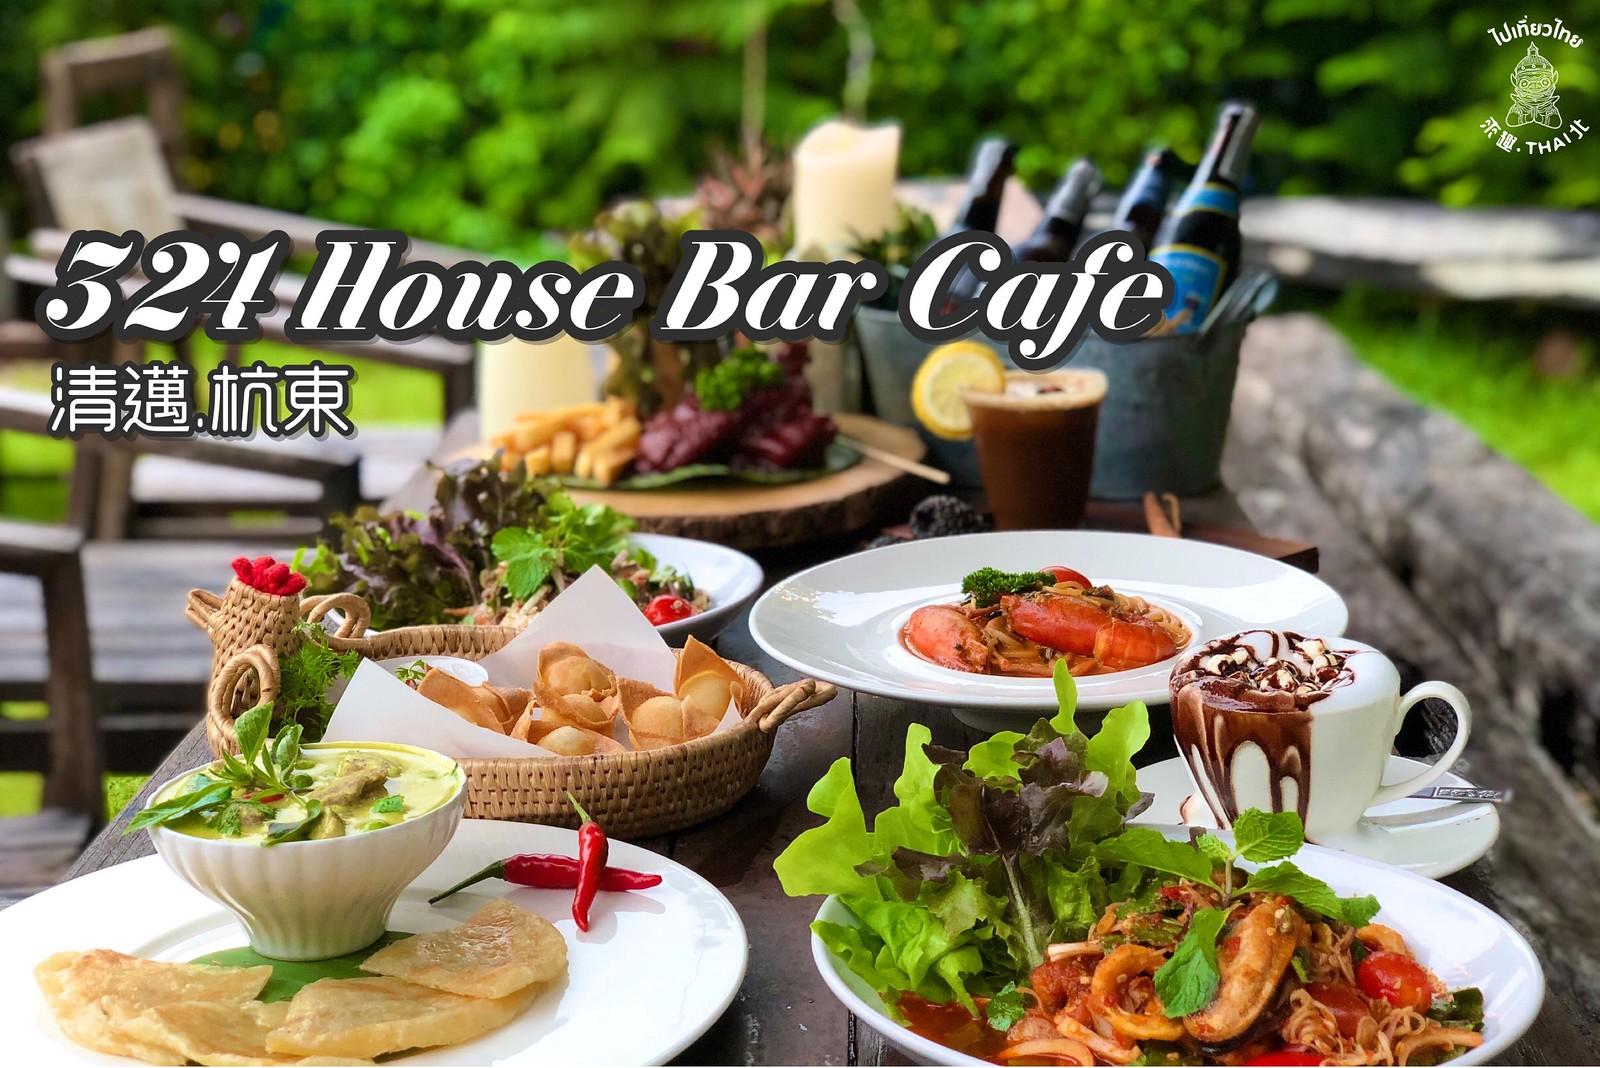 集咖啡館.餐廳.酒吧於一身的《324house bar cafe》